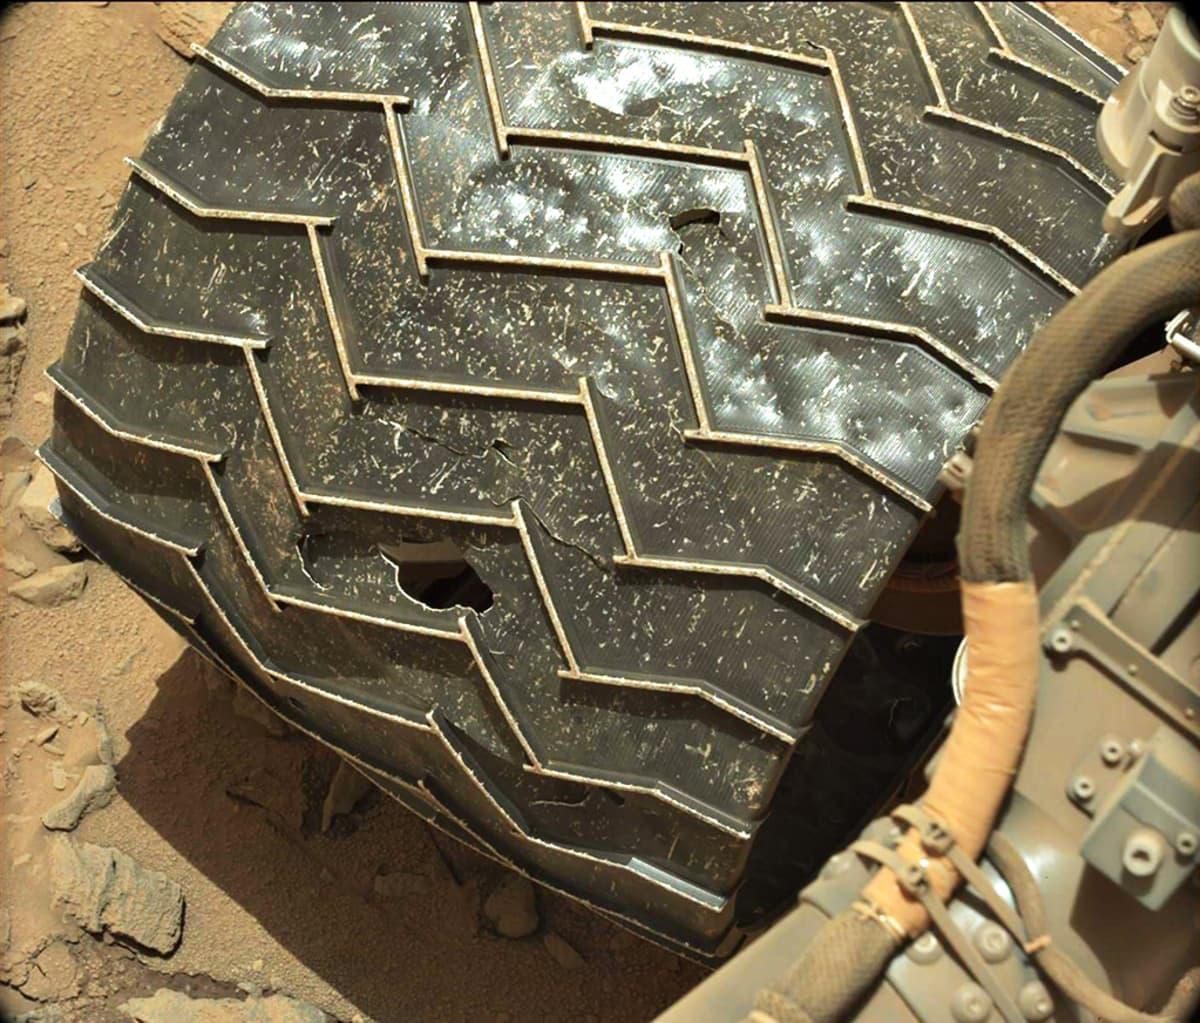 Curiosity-mönkijä vasen rengas jälkeen.